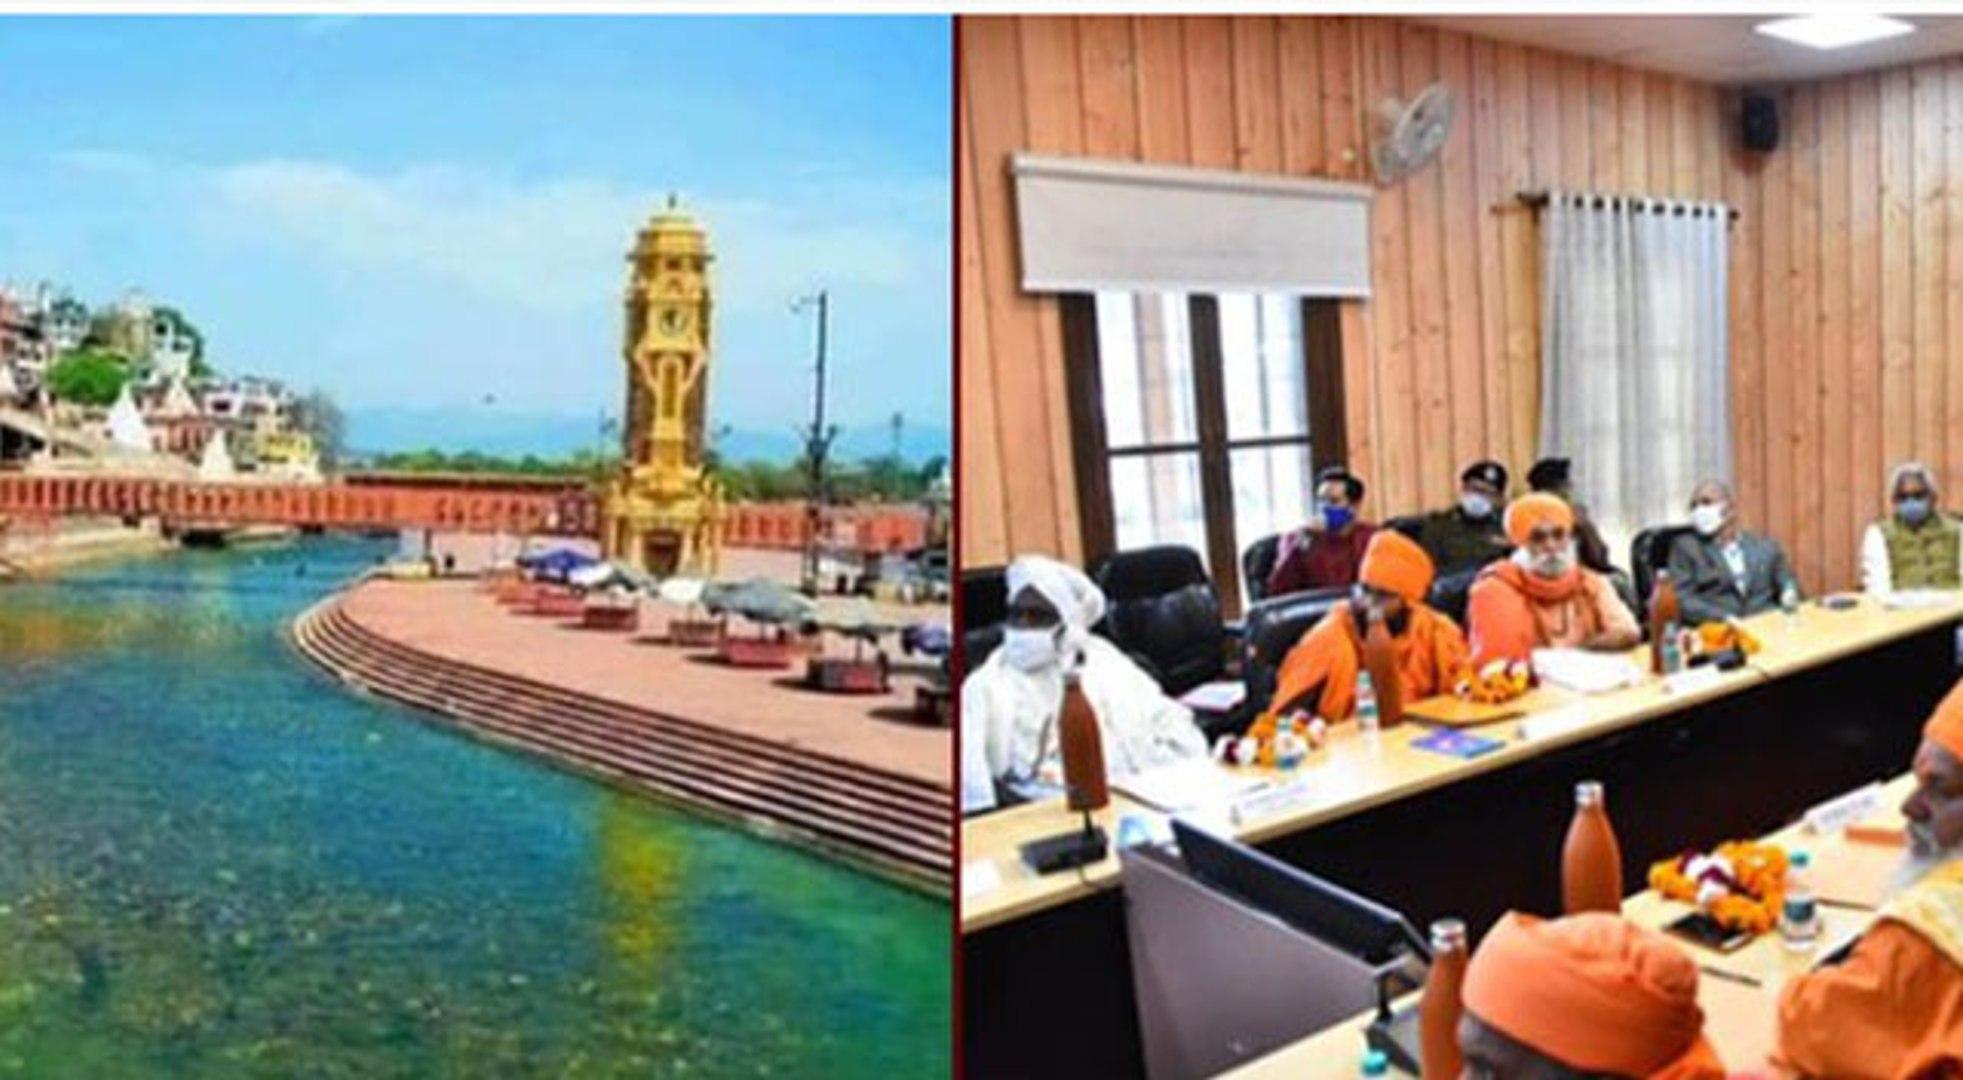 Kumbh 2021: CM त्रिवेंद्र रावत बोले, कोरोना की चुनौतियों के बीच हरिद्वार में आयोजित होगा कुंभ मेला